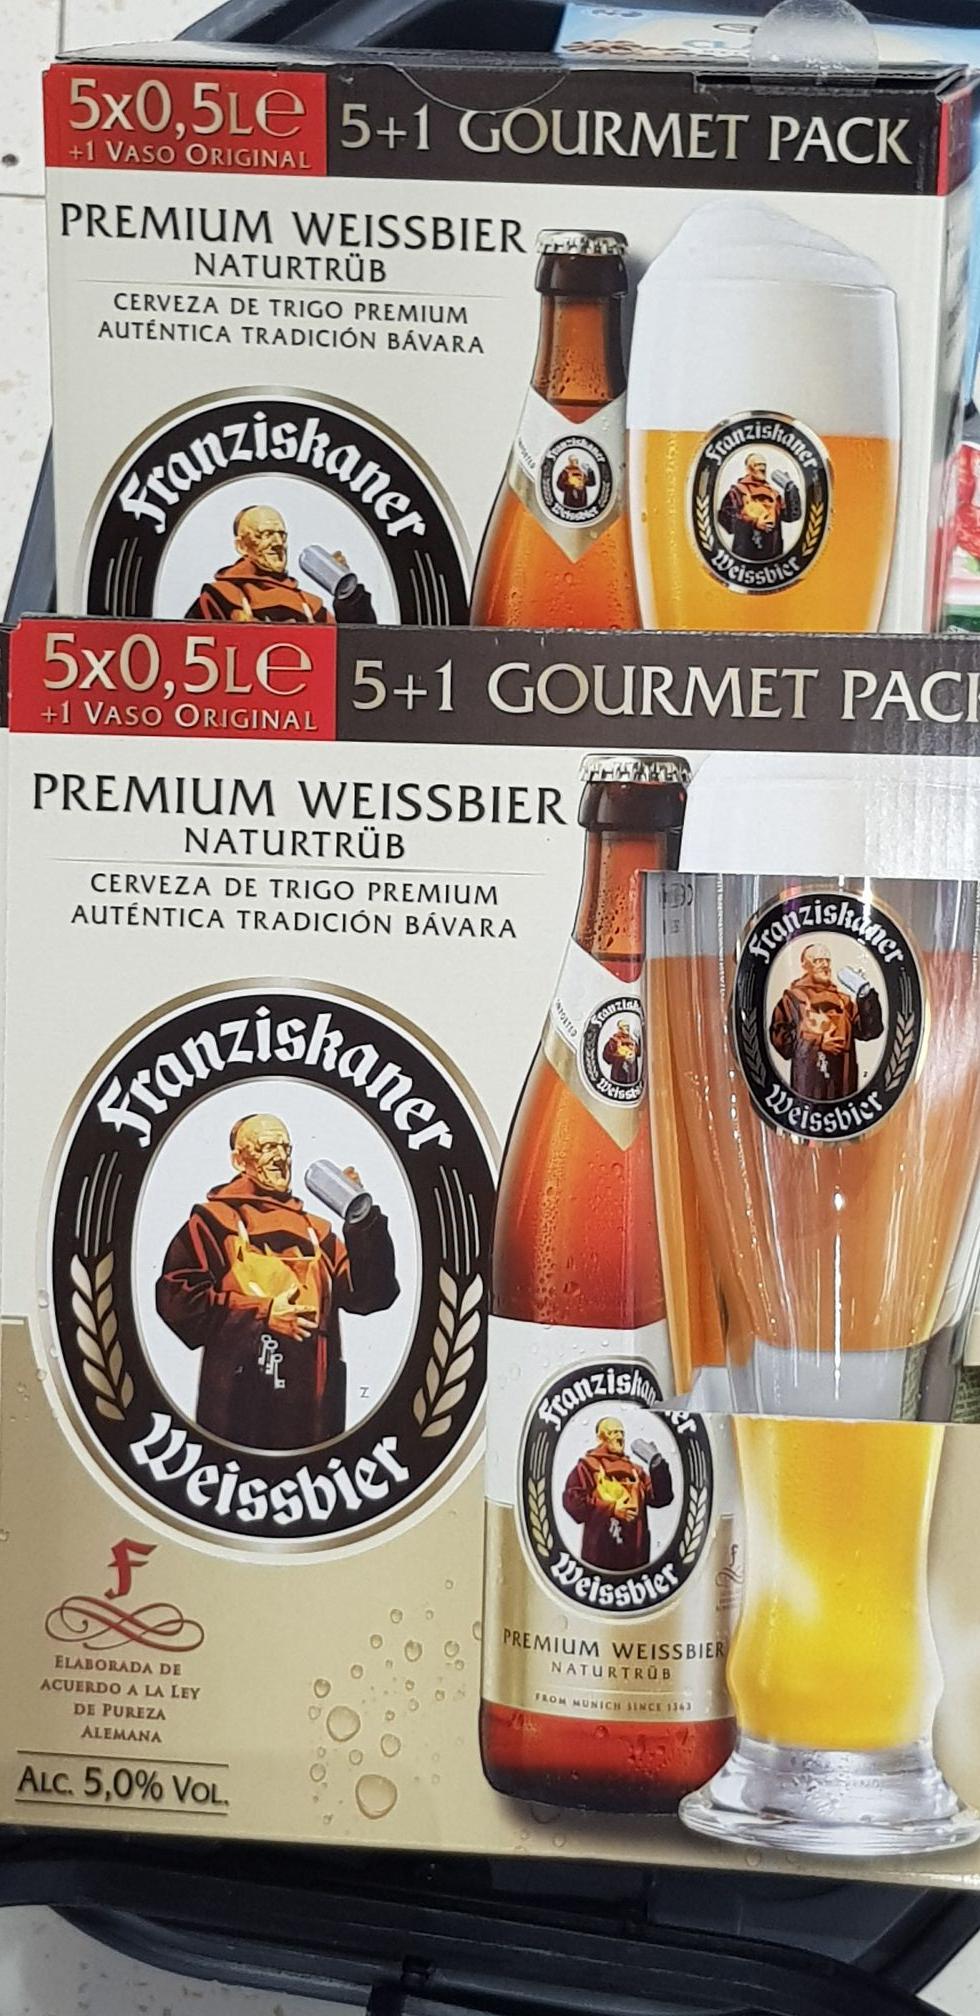 Vaso de regalo con la compra de 5 Franziskaner